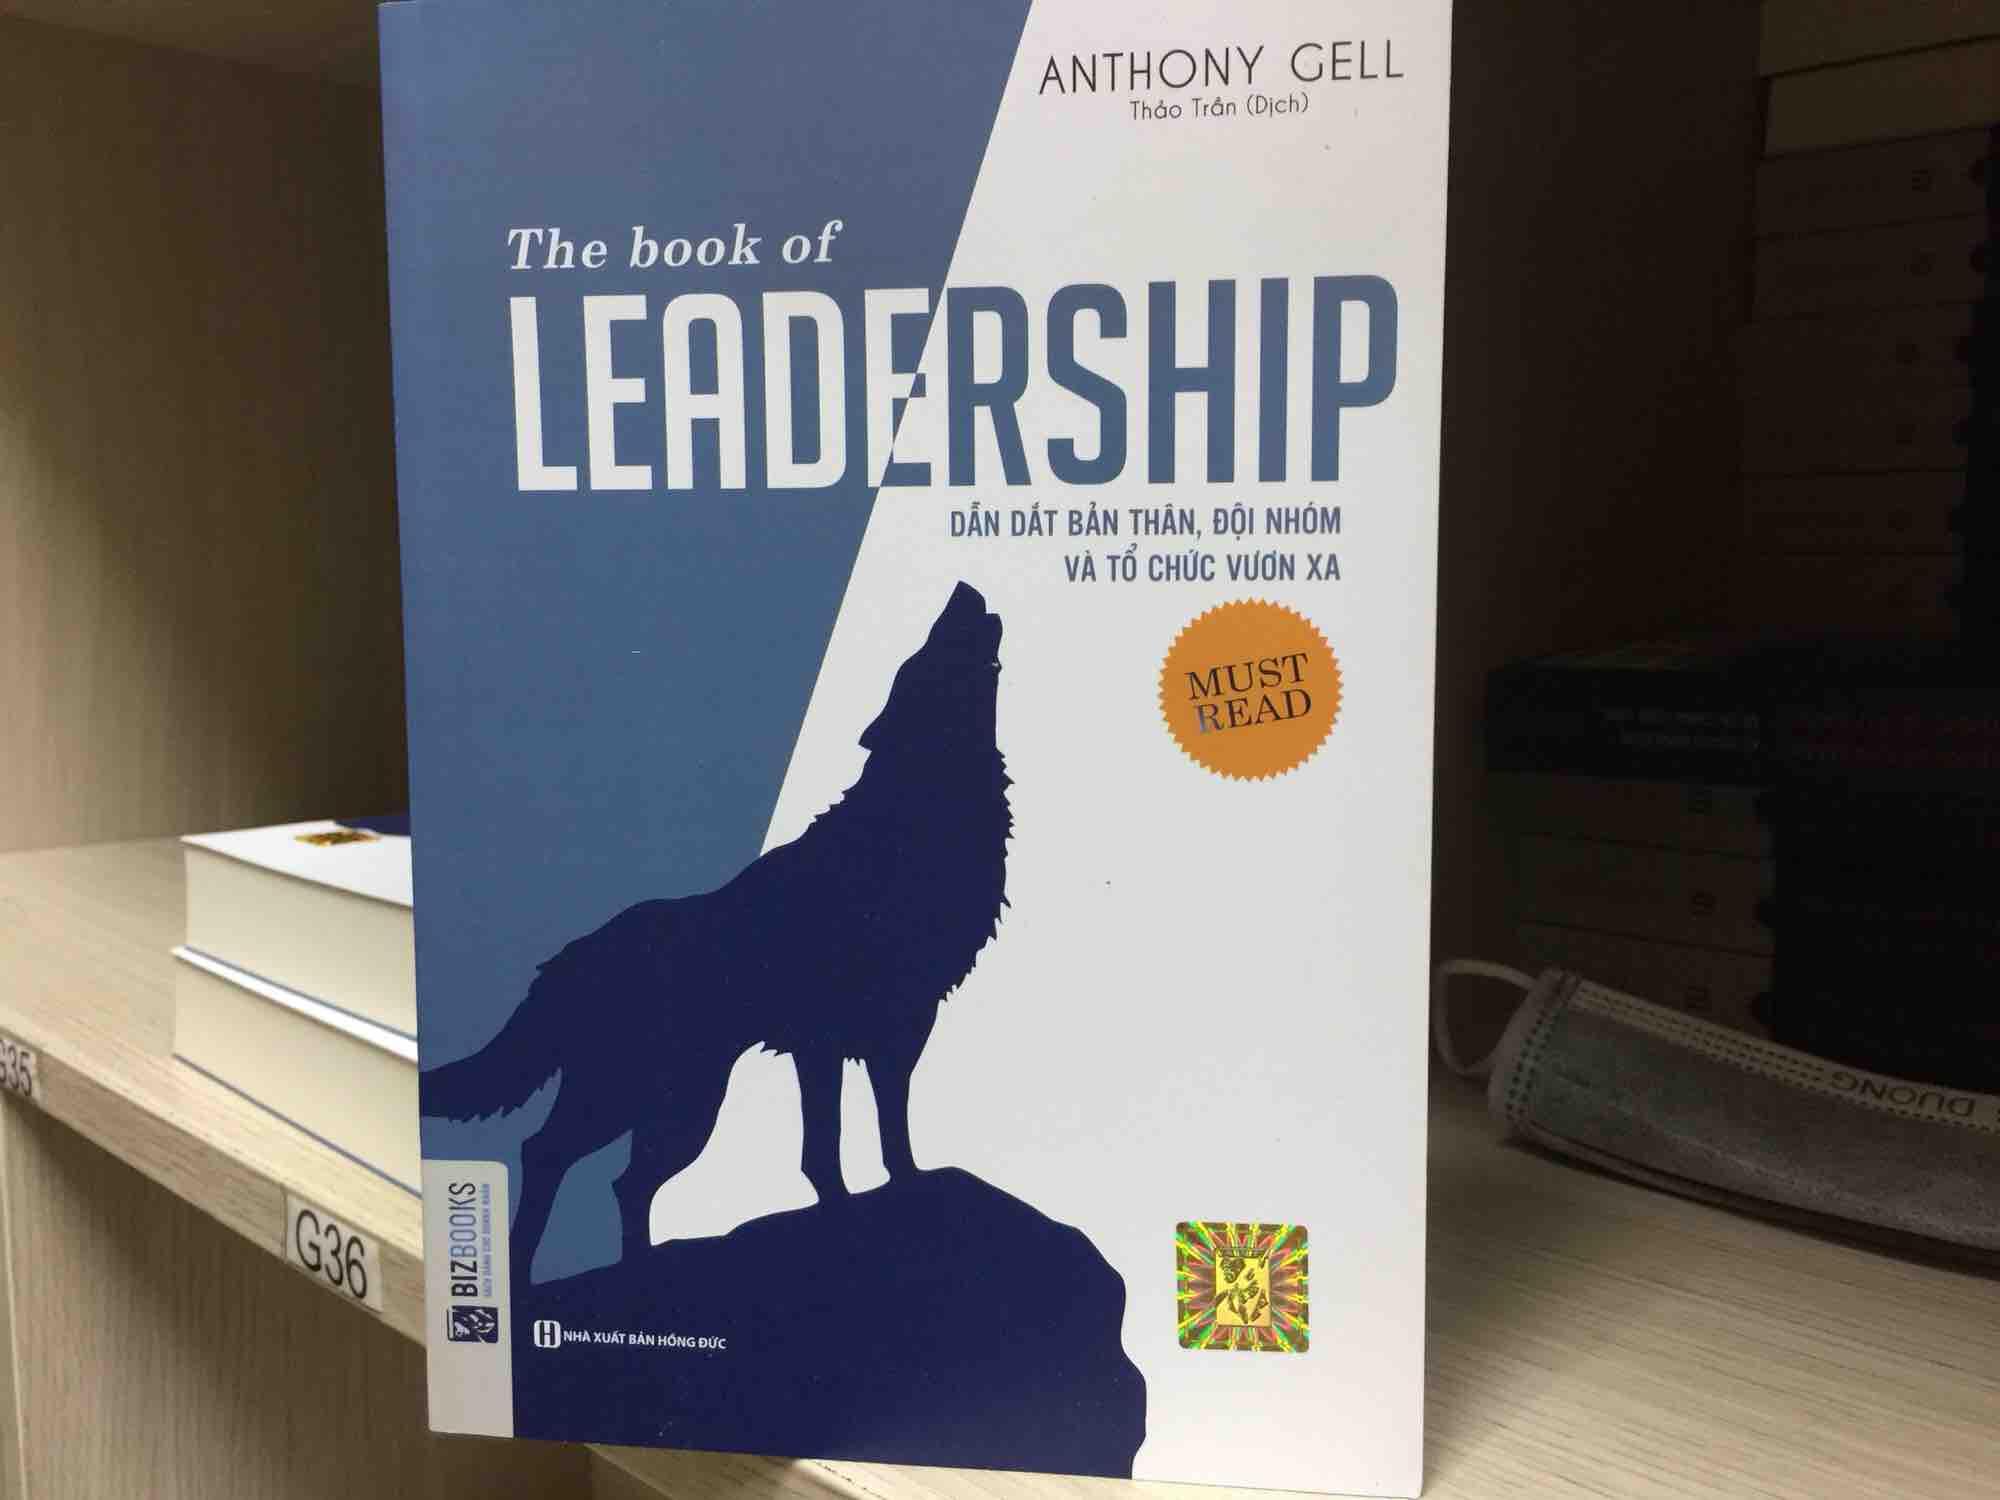 Mua The book of leadership-dẫn dắt bản thân đội nhóm vươn xa